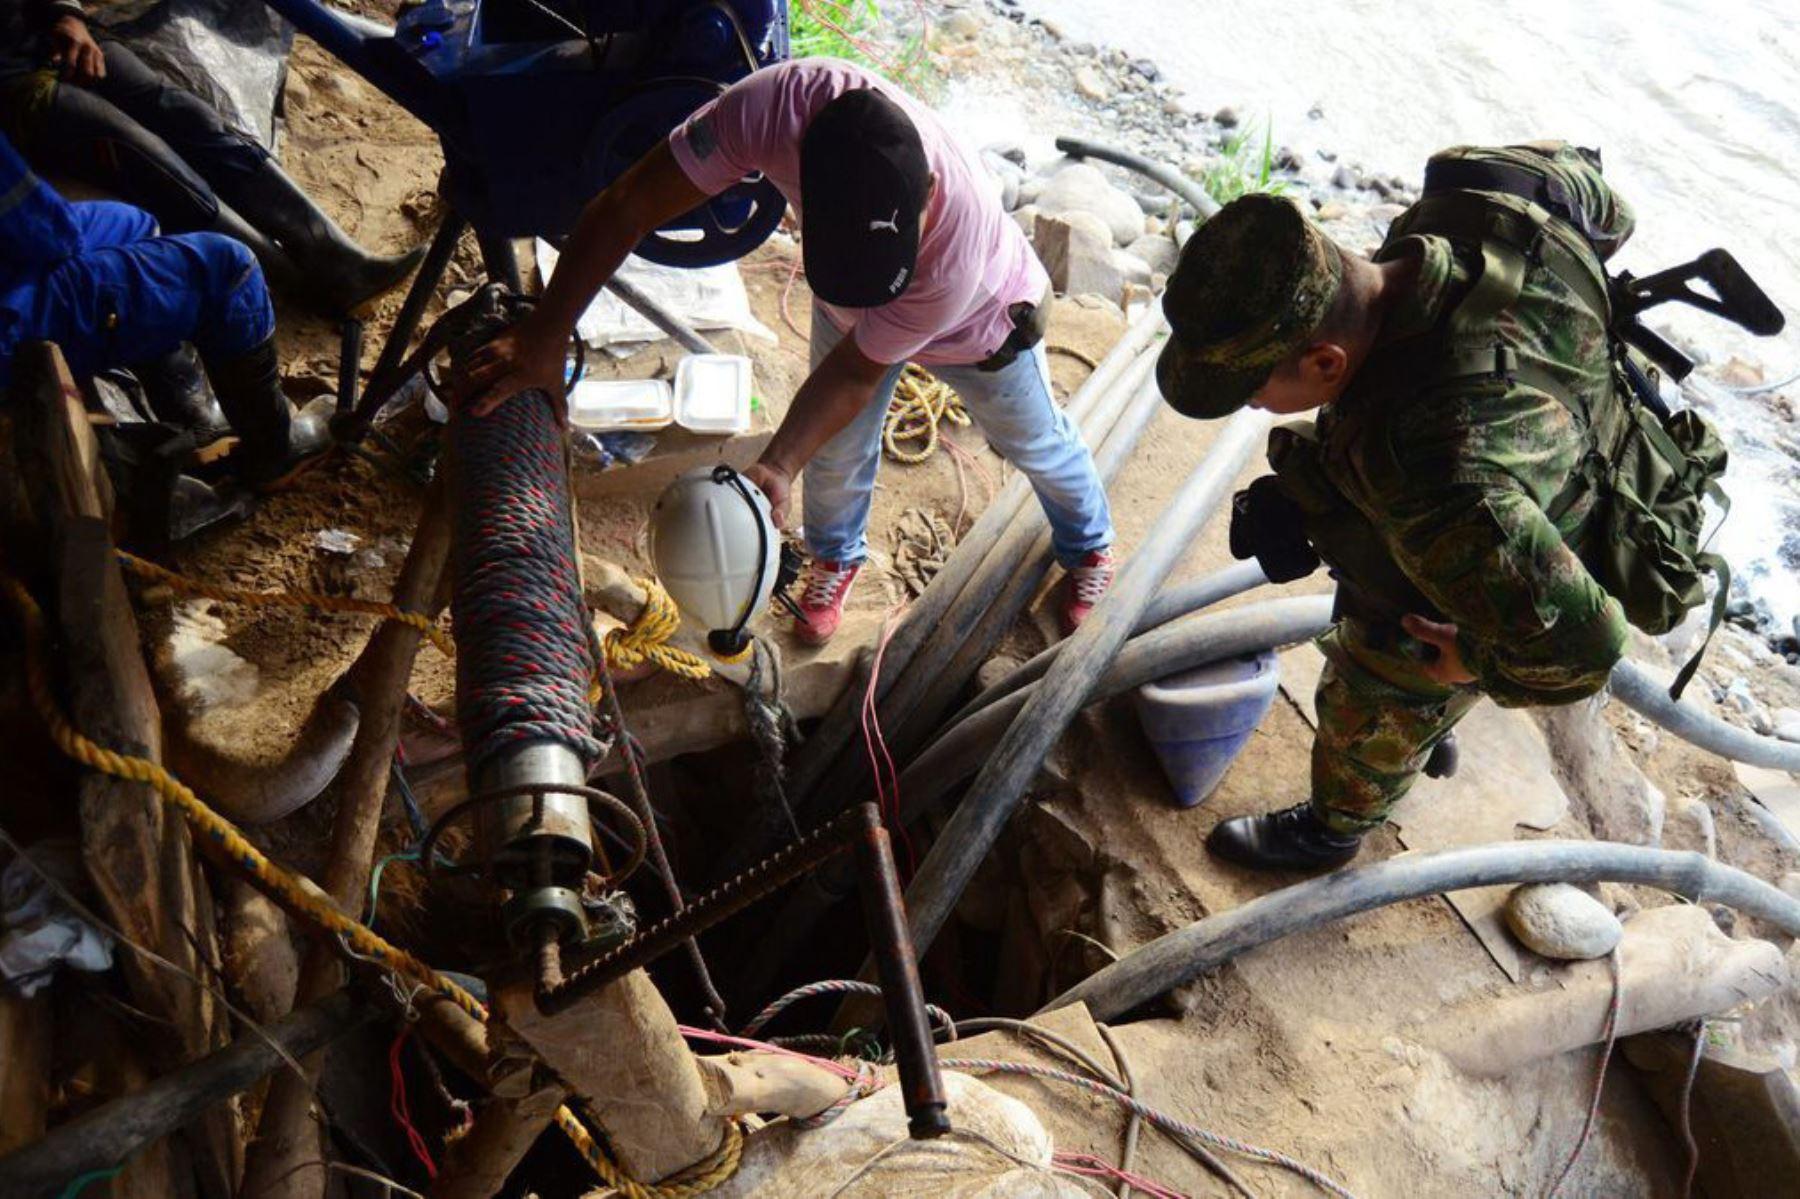 Los socorristas llevarán a la zona motobombas para sacar agua de la mina que al parecer se inundó porque está ubicada muy cerca del río Cauca. Foto: EFE